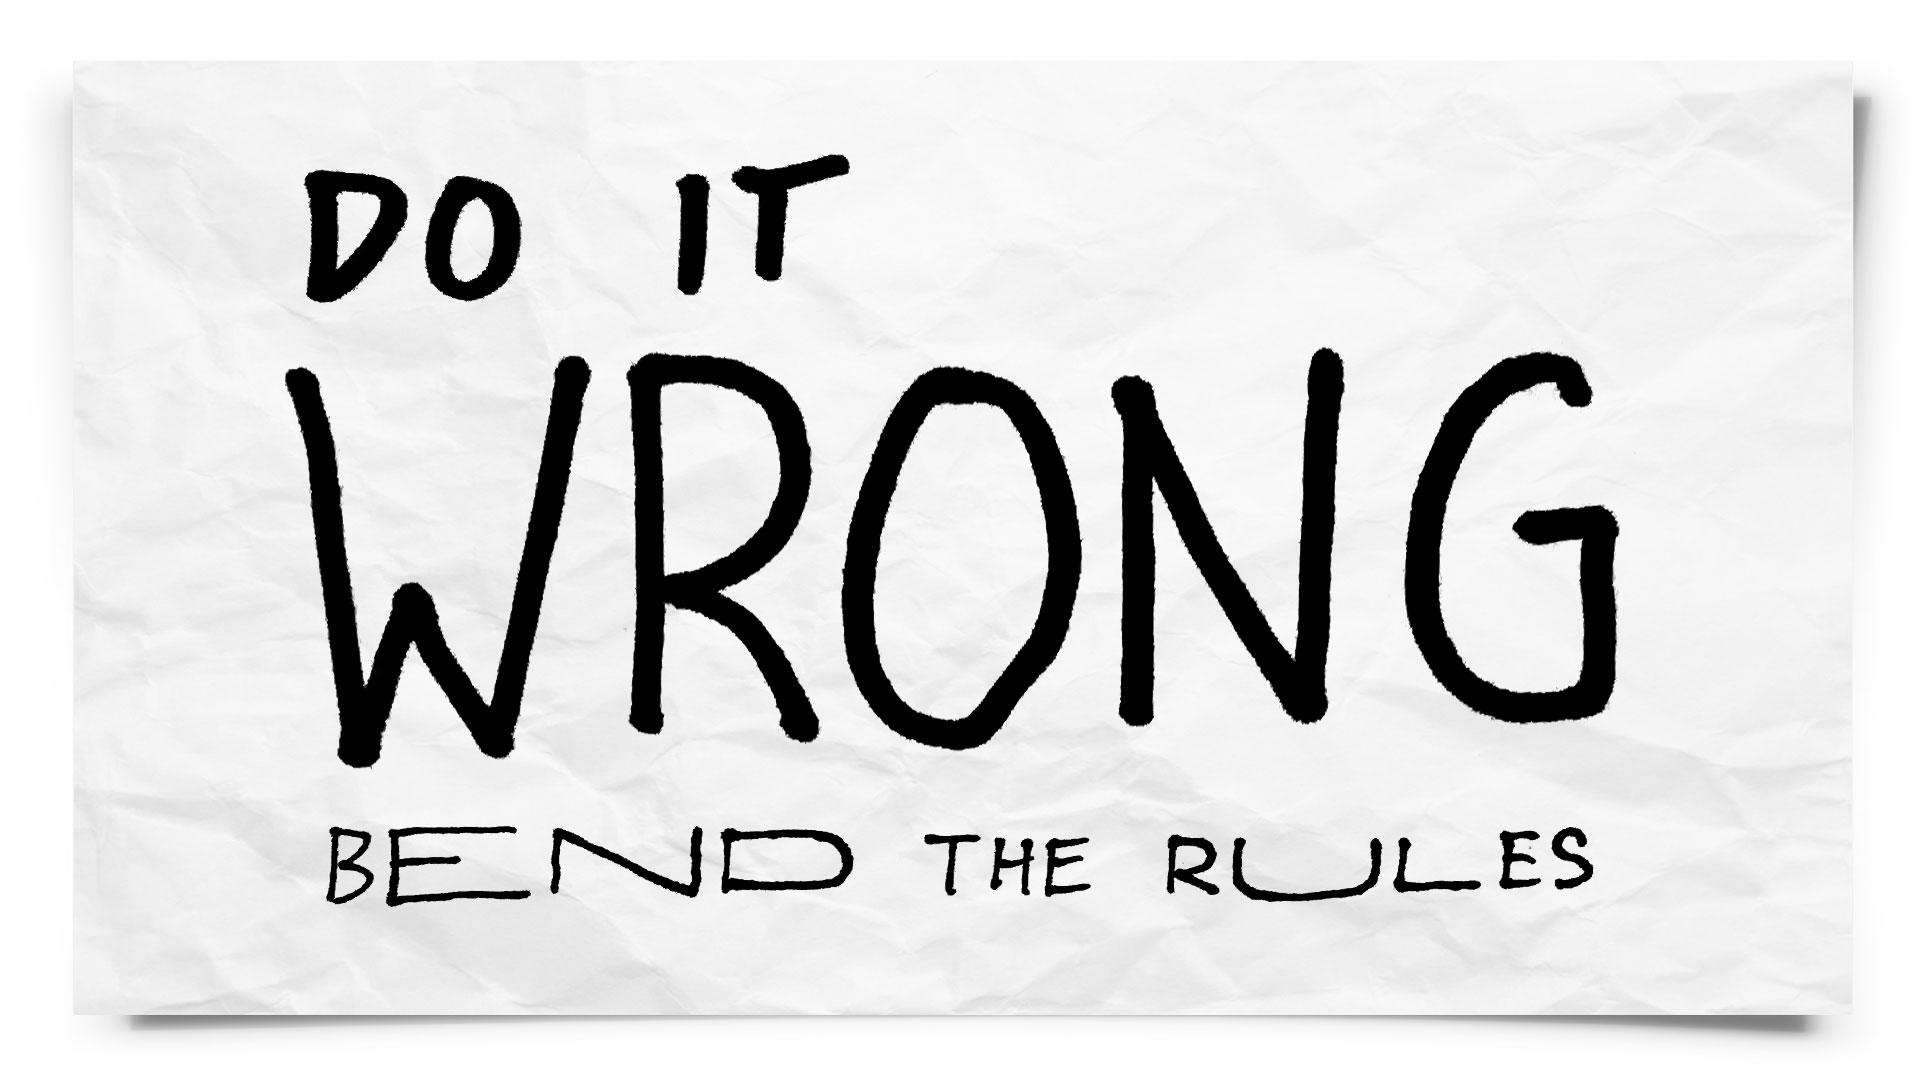 right-wrong-papercard-1920wrong.jpg